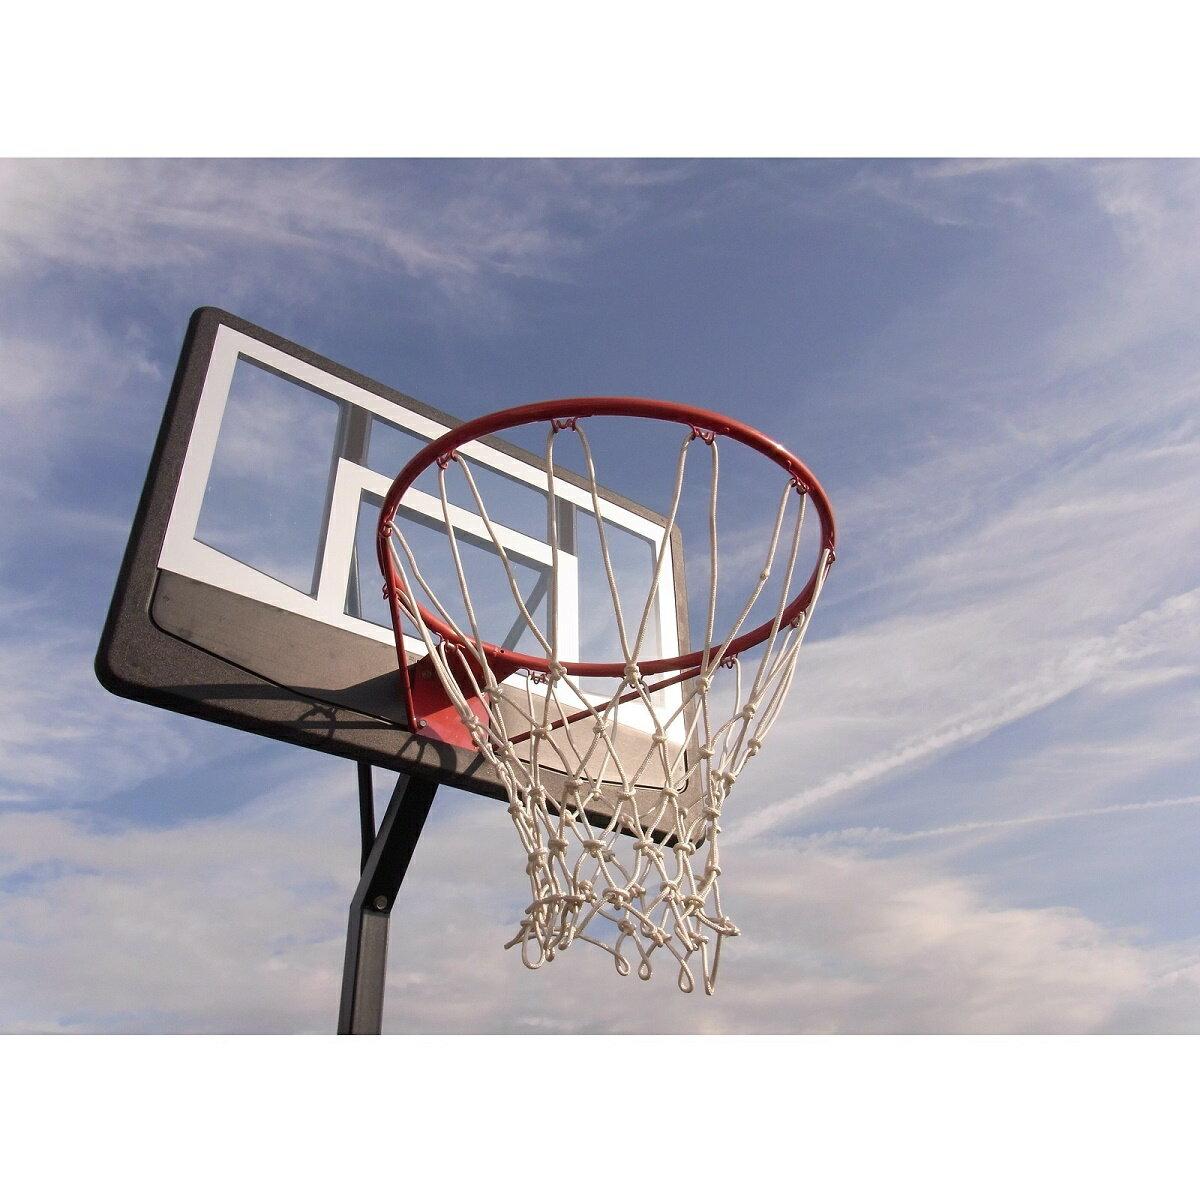 レイアップの練習もOK 【送料無料】 透明ポリカーボネート、オレンジリング、極太ネット バスケットゴール BG-270BK